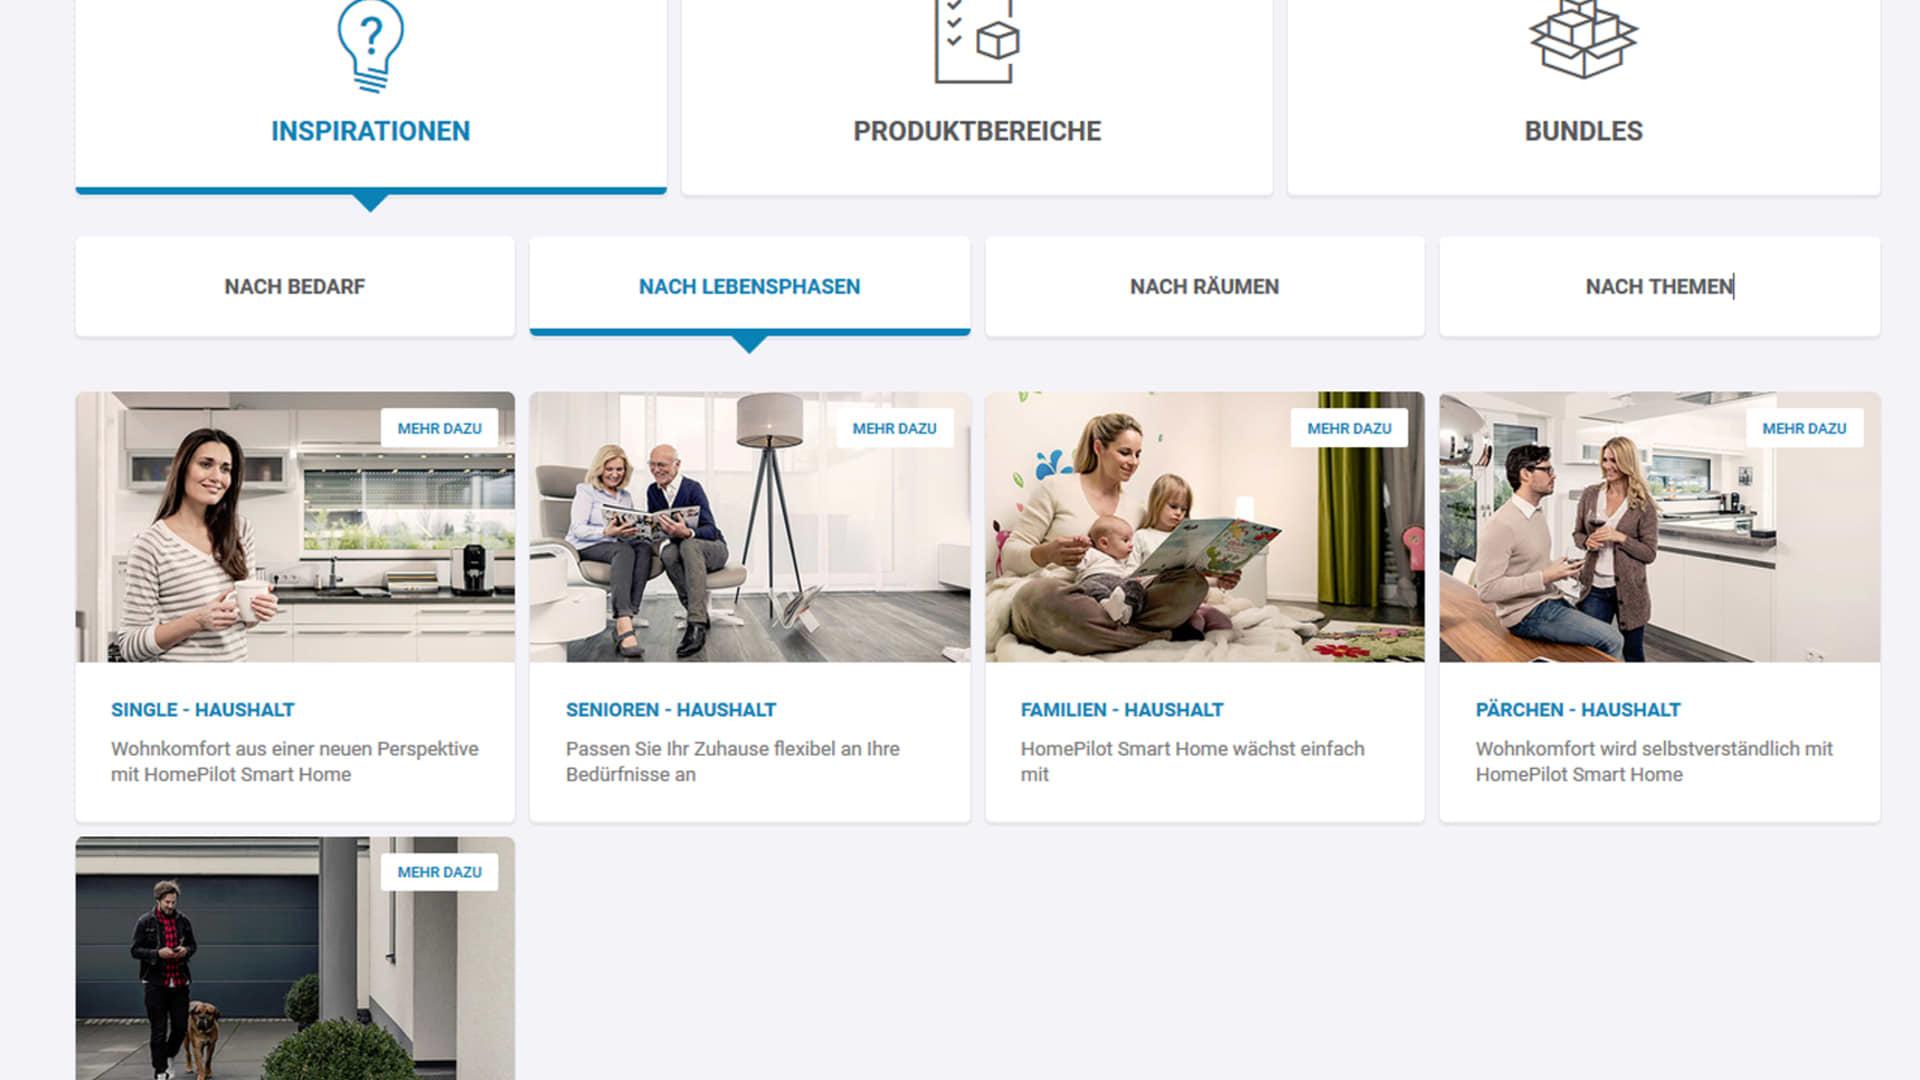 Rademacher, der Experte für Rollladen- und Hausautomation, startet mit neuem Markenauftritt ins Jahr 2018 und will Endkunden noch gezielter informieren